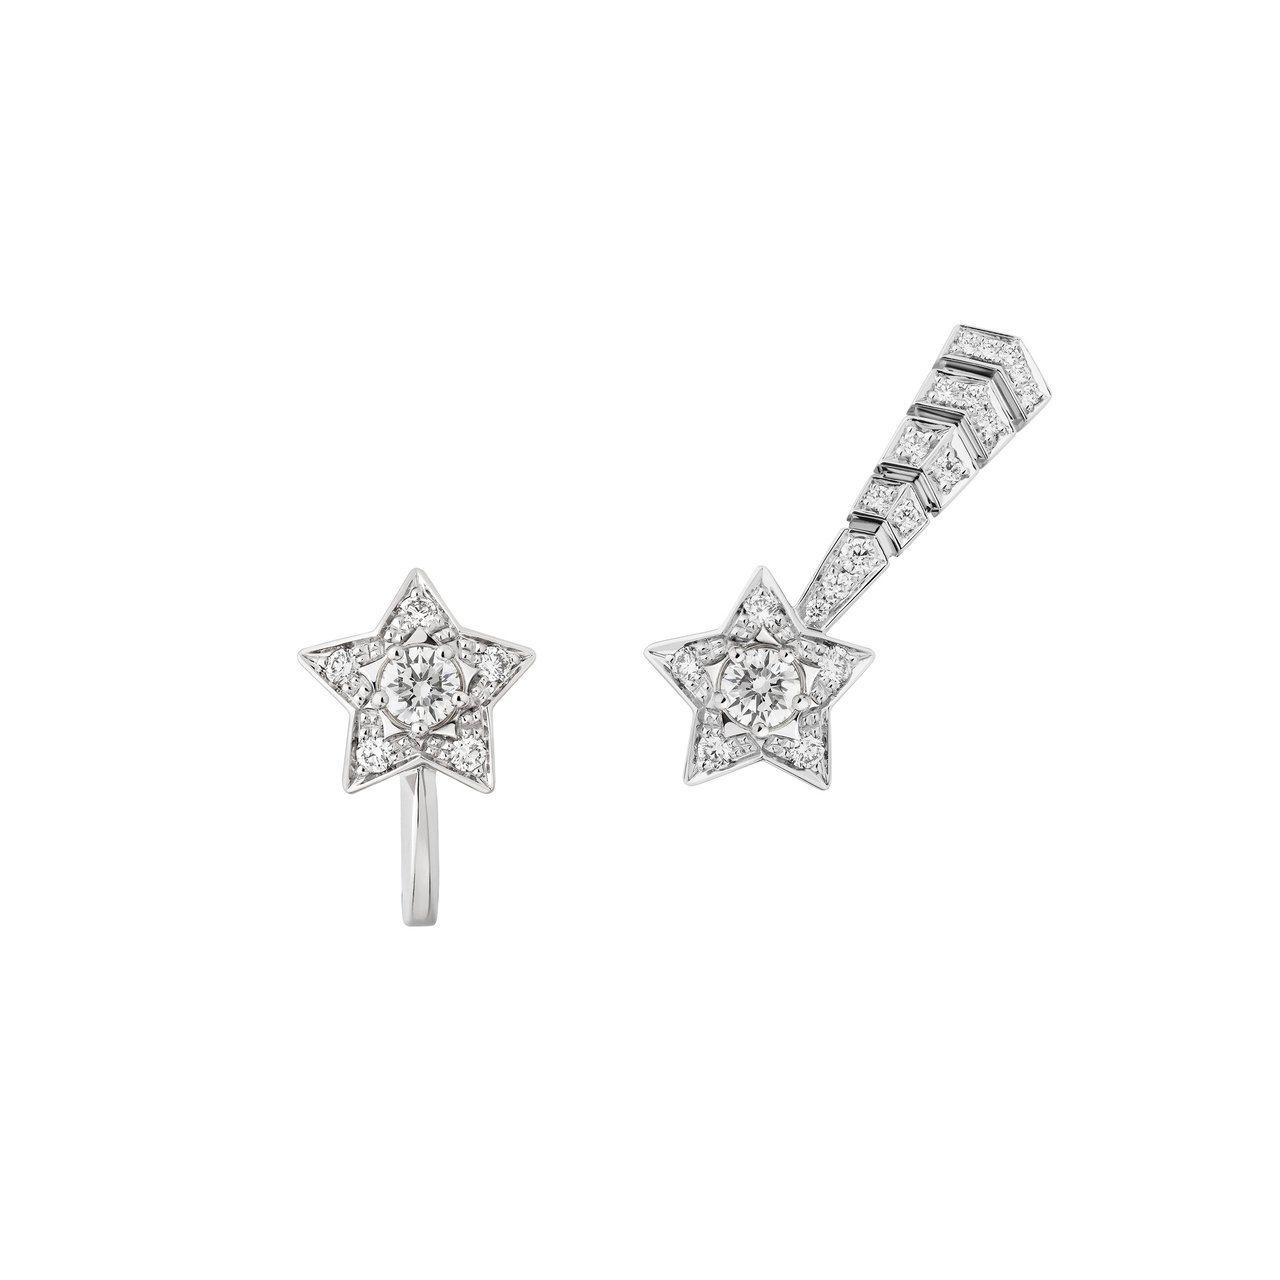 香奈兒Comète流星不對稱耳環,18K白金中央鑲嵌兩顆各0.15克拉鑽石及27...